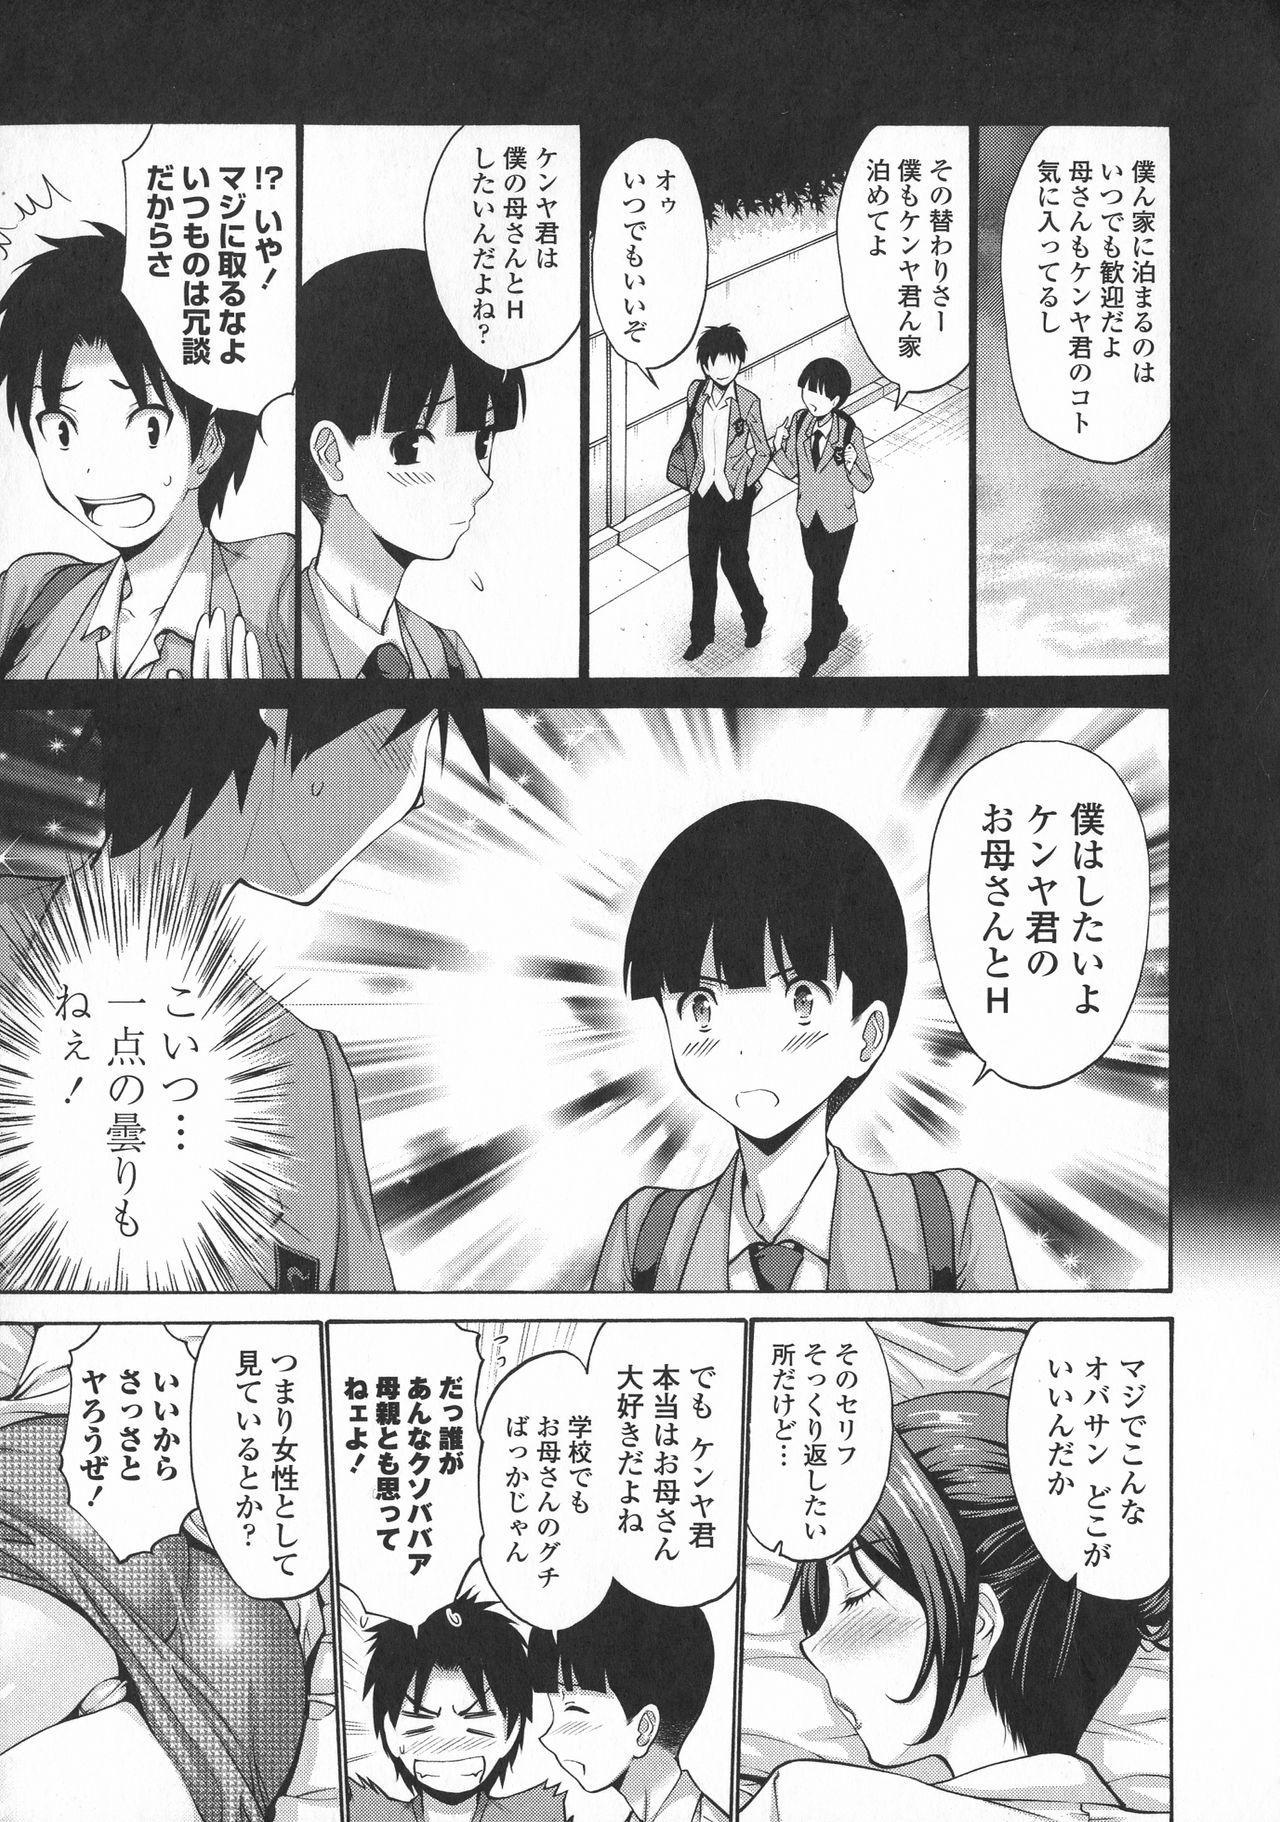 Tomodachi no Haha wa Boku no Mono - His Mother is My Love Hole 30